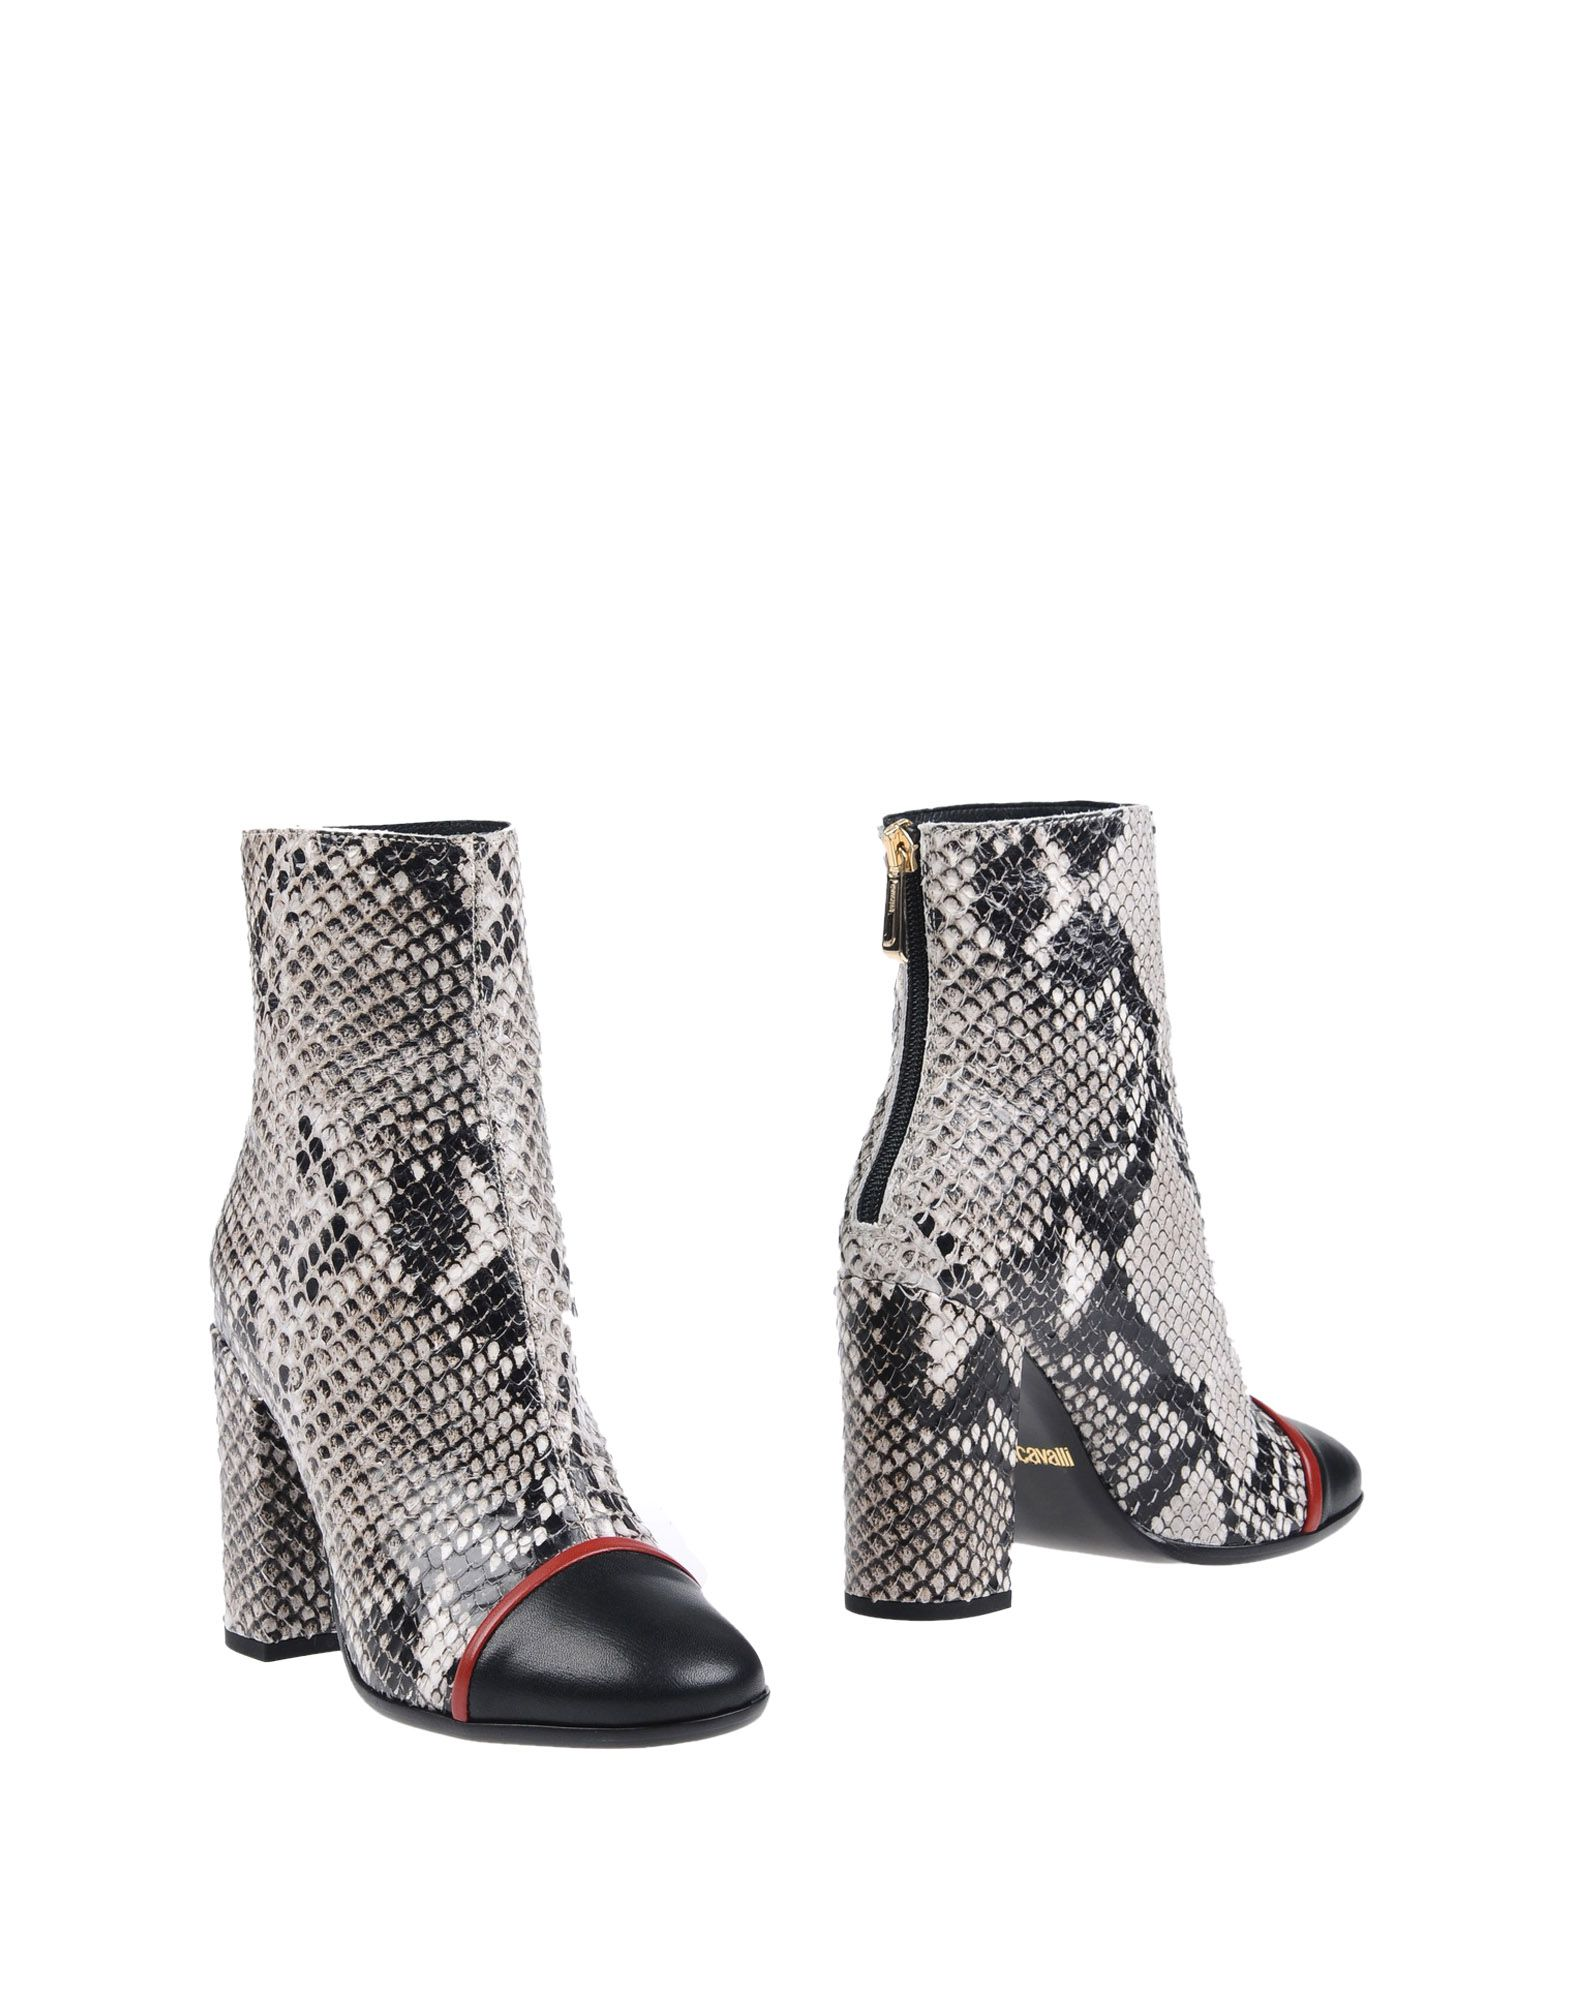 Just Cavalli Stiefelette Damen  11251485UFGut aussehende strapazierfähige Schuhe